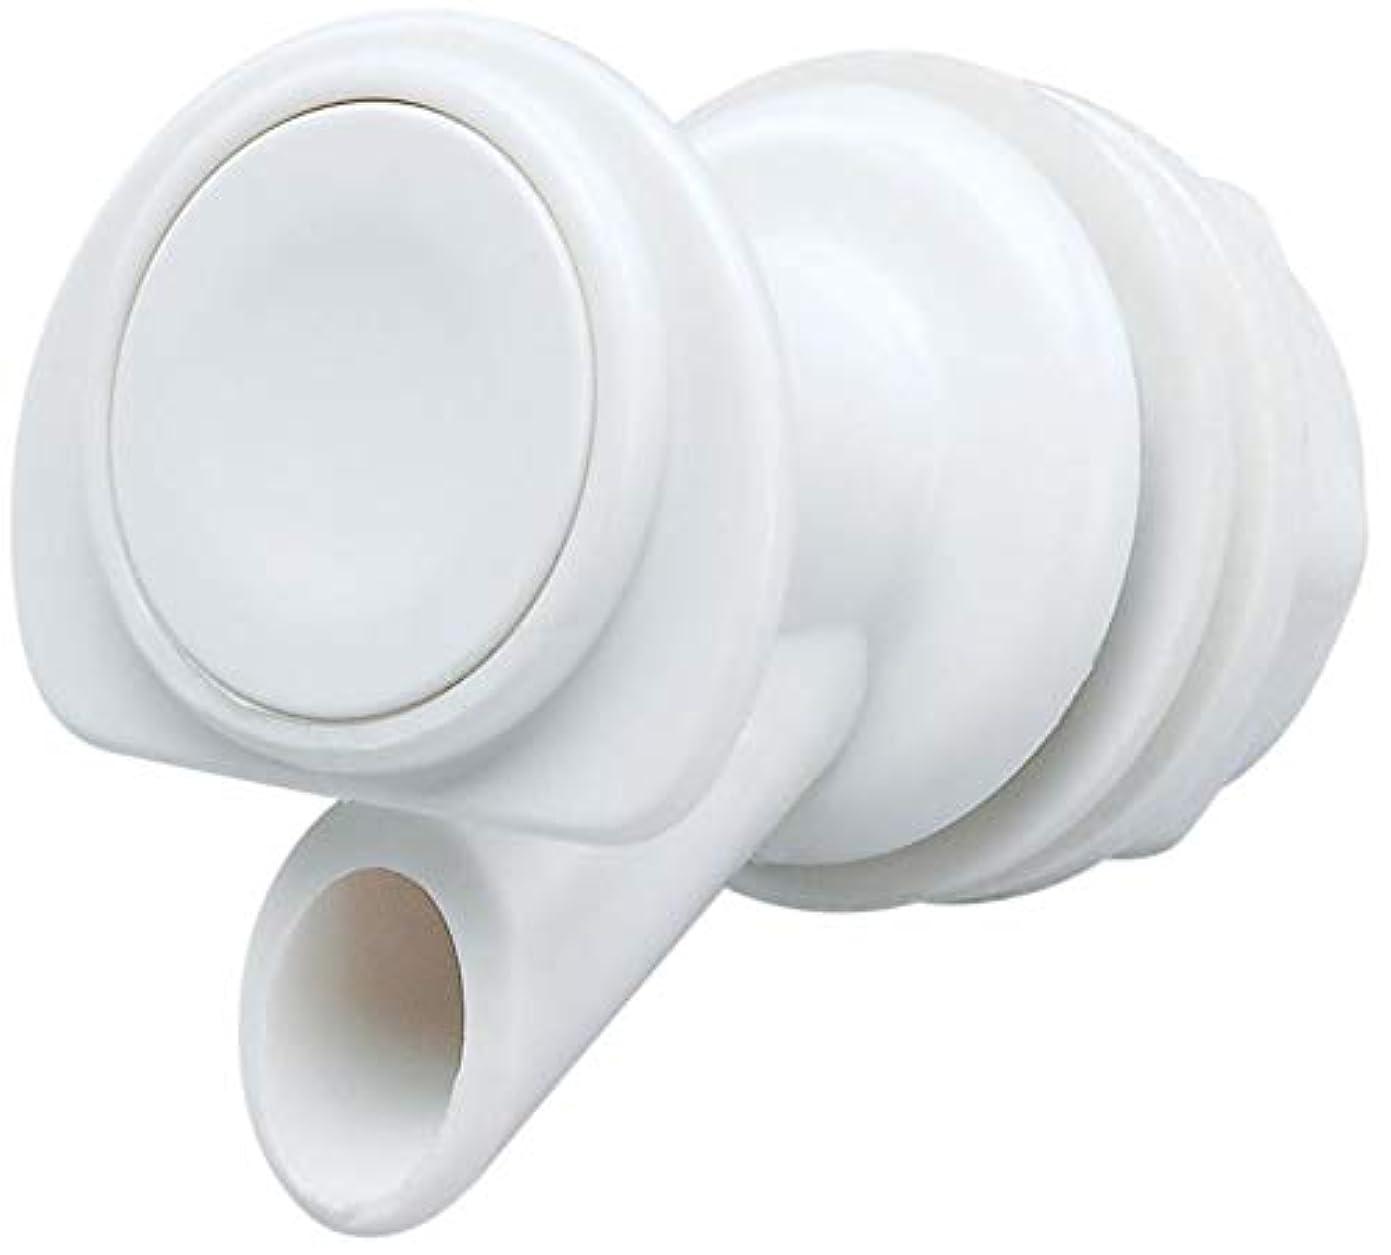 貪欲世界記録のギネスブックツインIgloo: Igloo Rplc Cooler Spigot 24009 -2Pk by Igloo